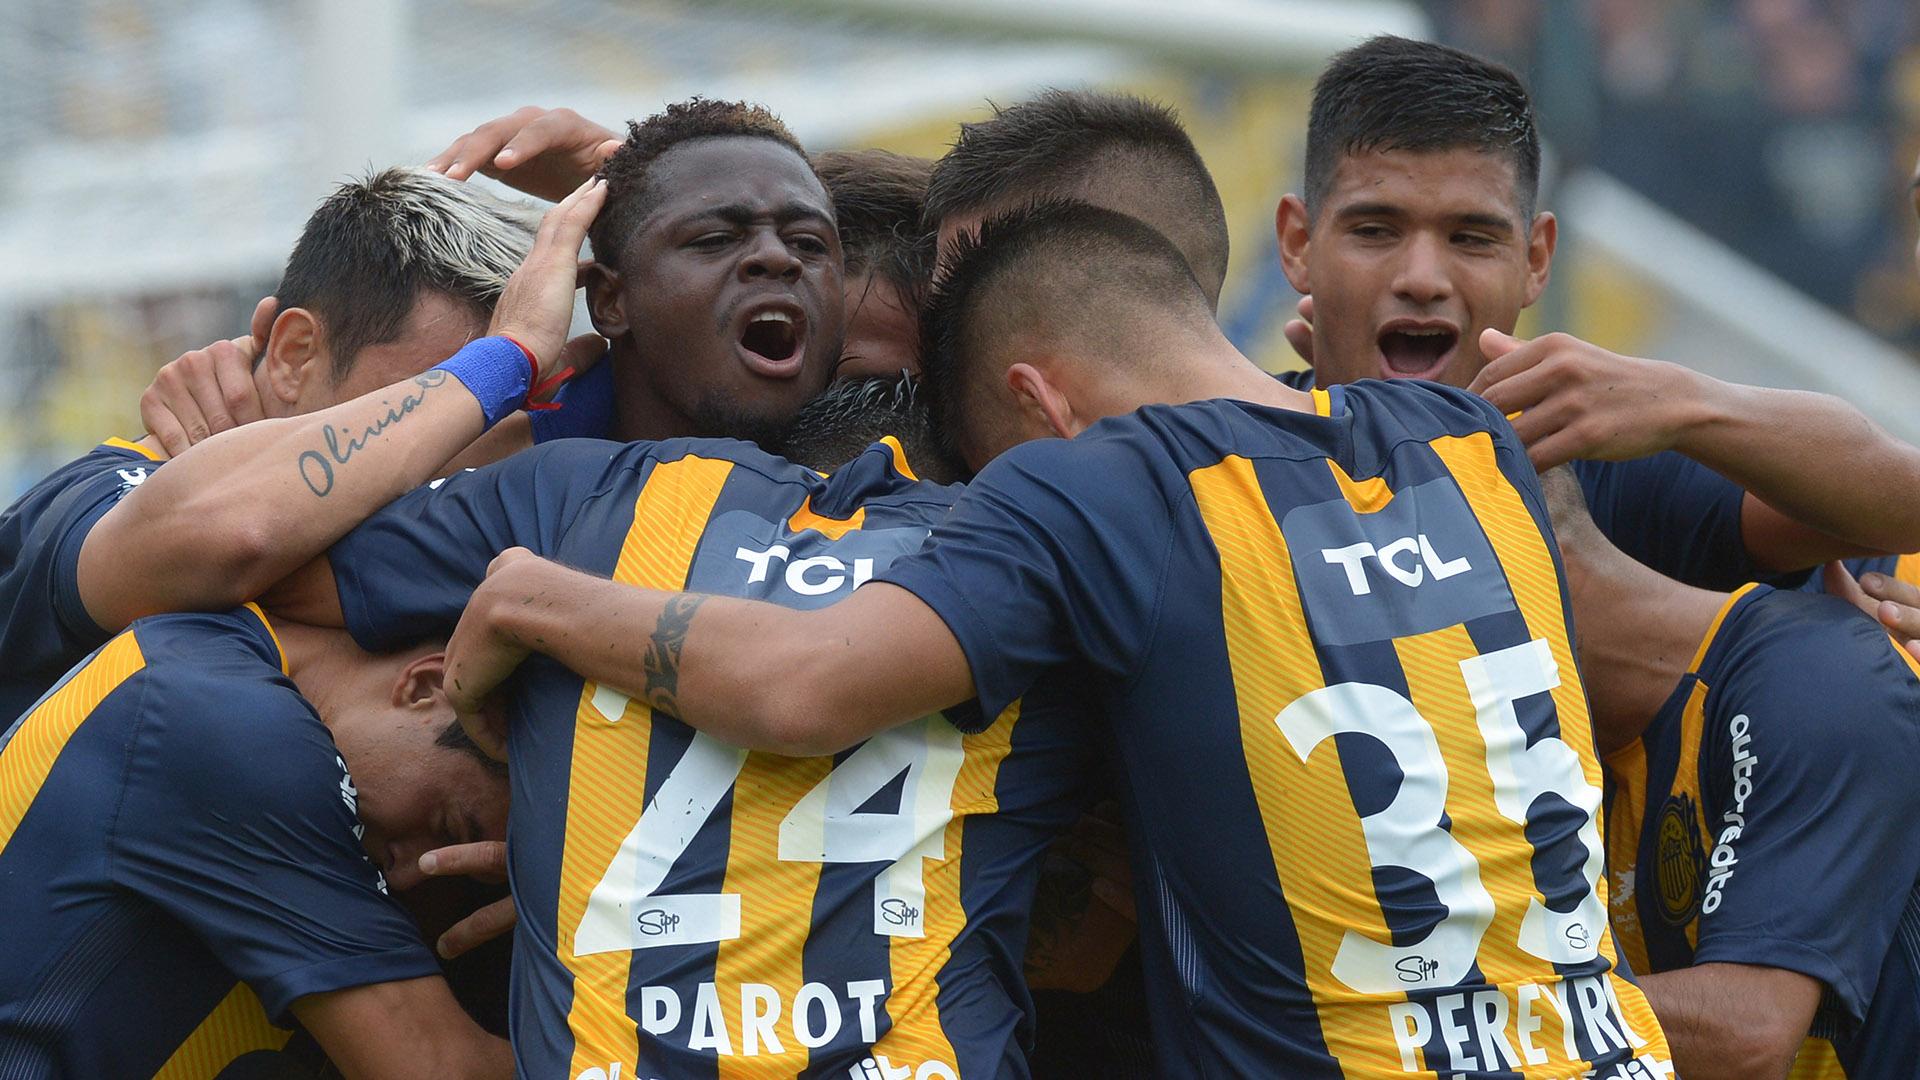 Central acumula cuatro derrotas consecutivas y quiere terminar la Superliga con una sonrisa (Foto: Télam)